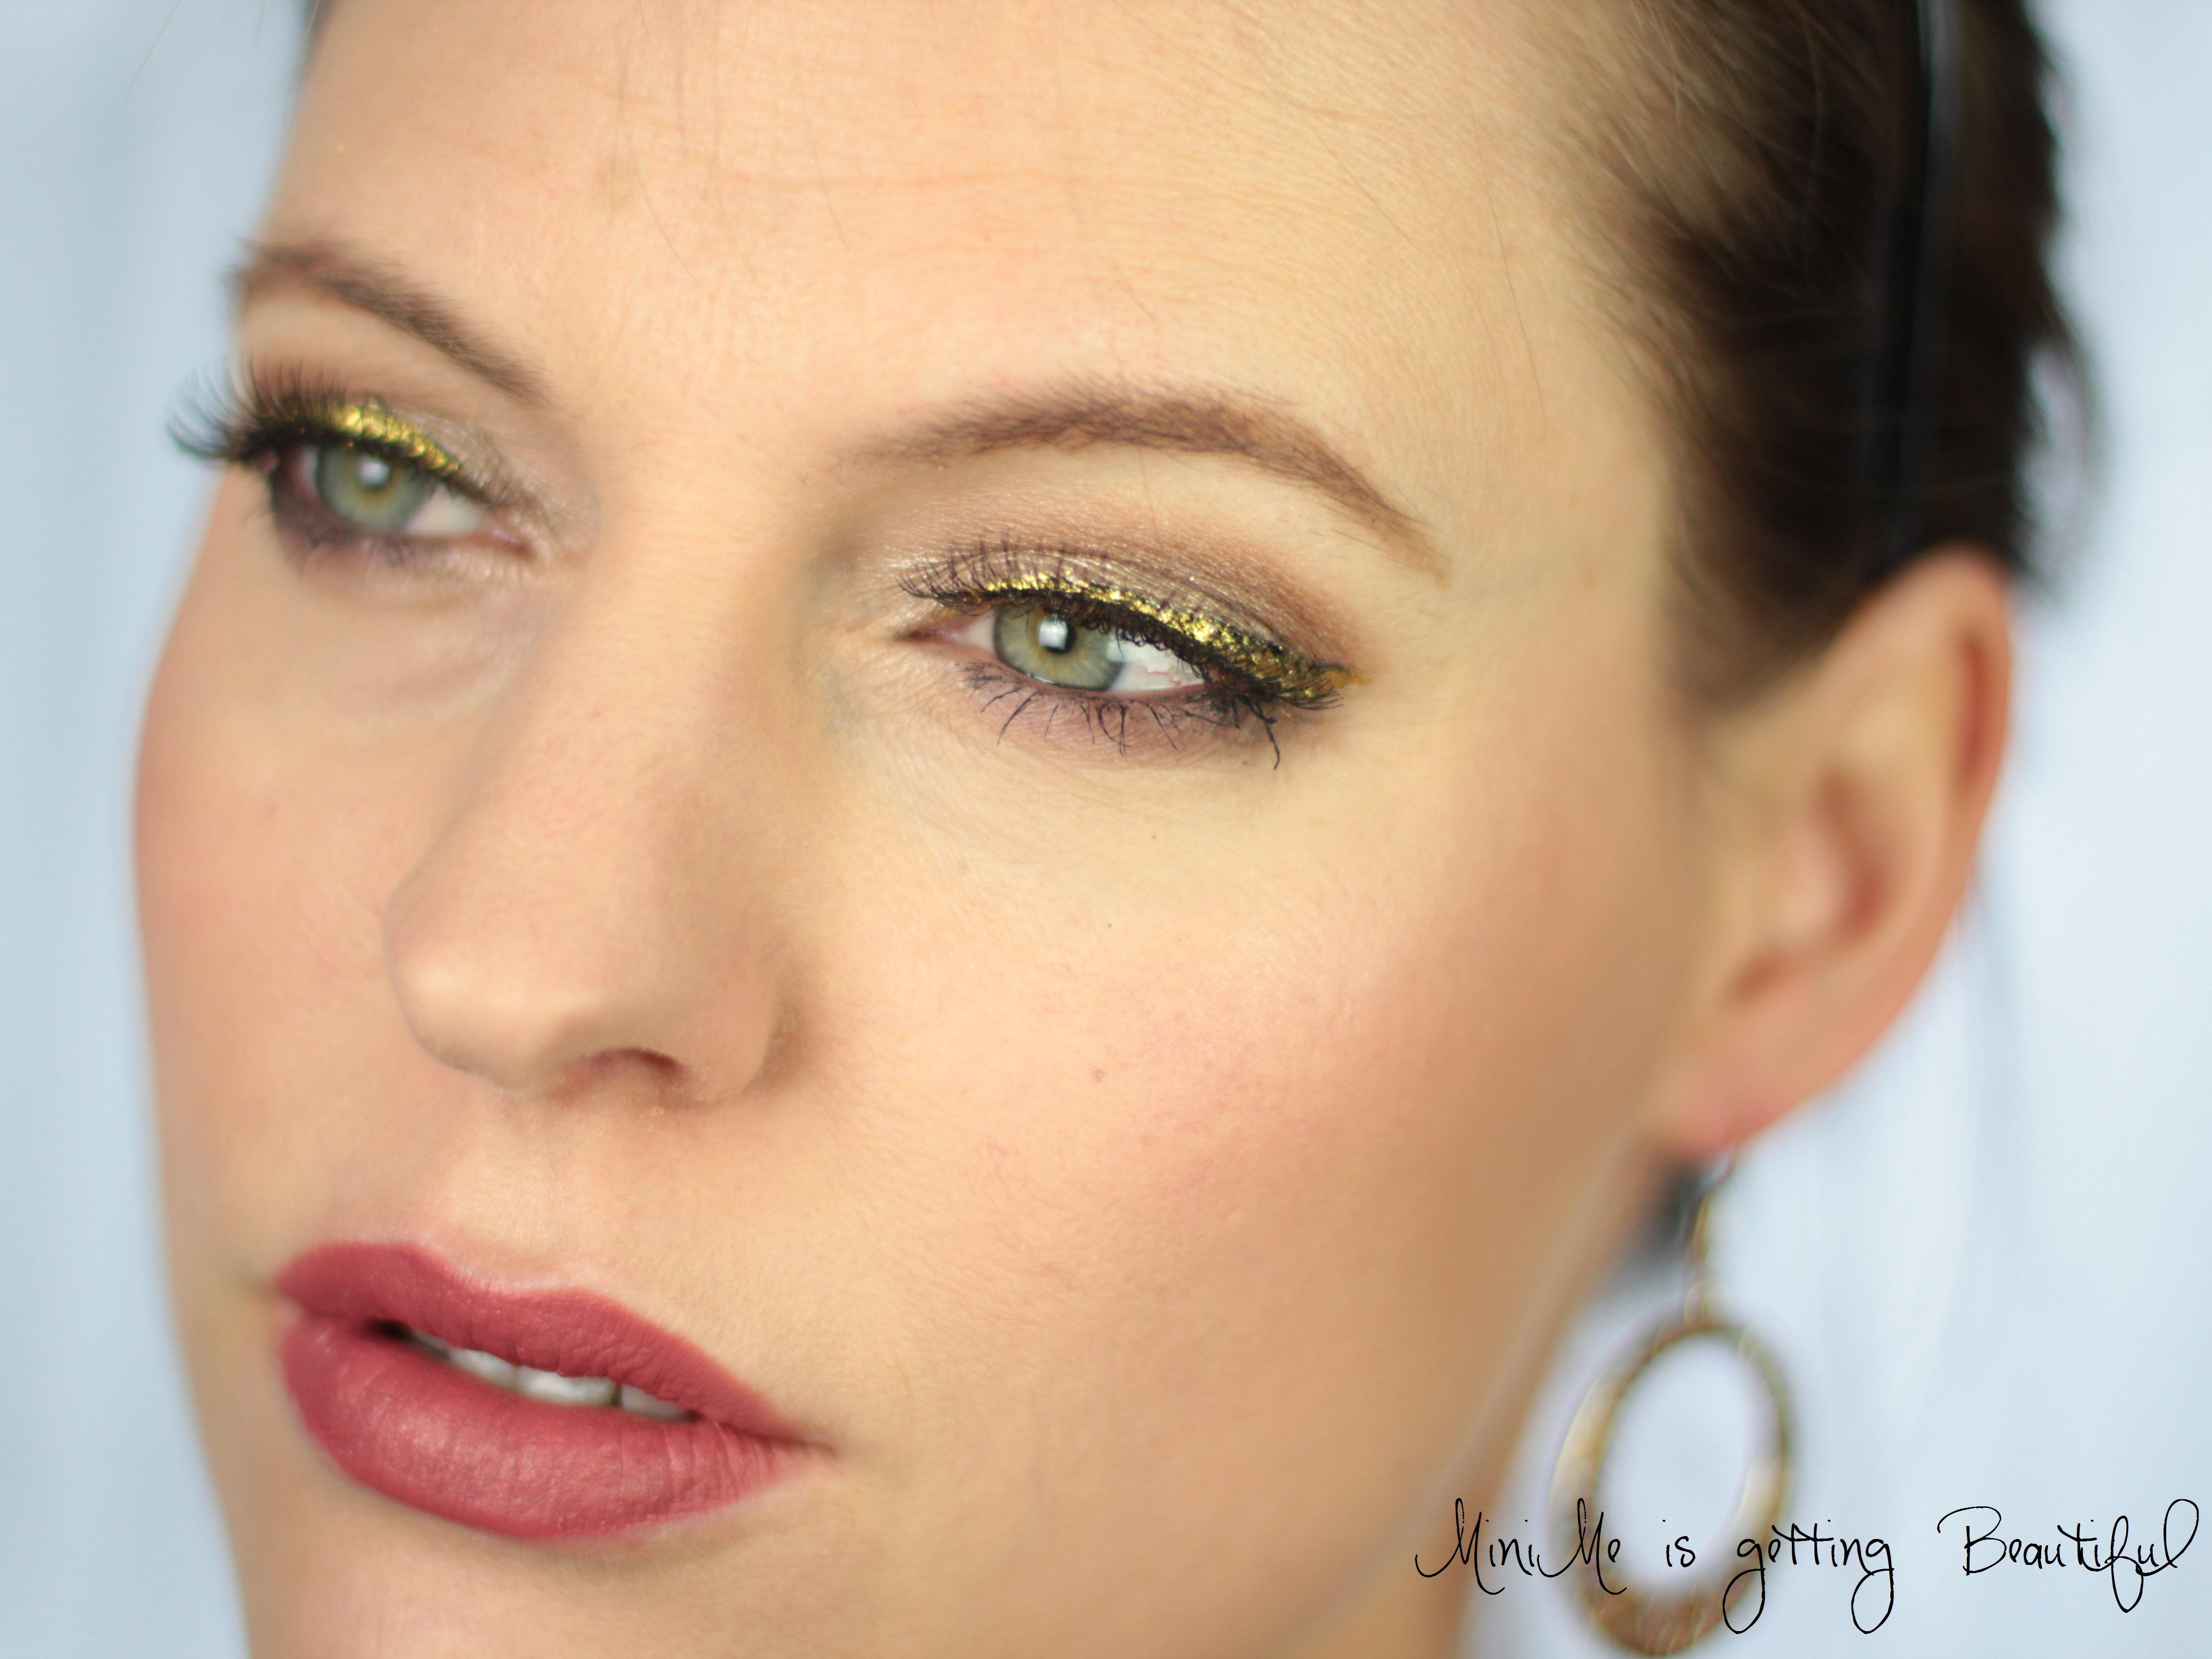 MiniMe is getting Beautiful Nachgeschminkt Glitter Eyeliner 1